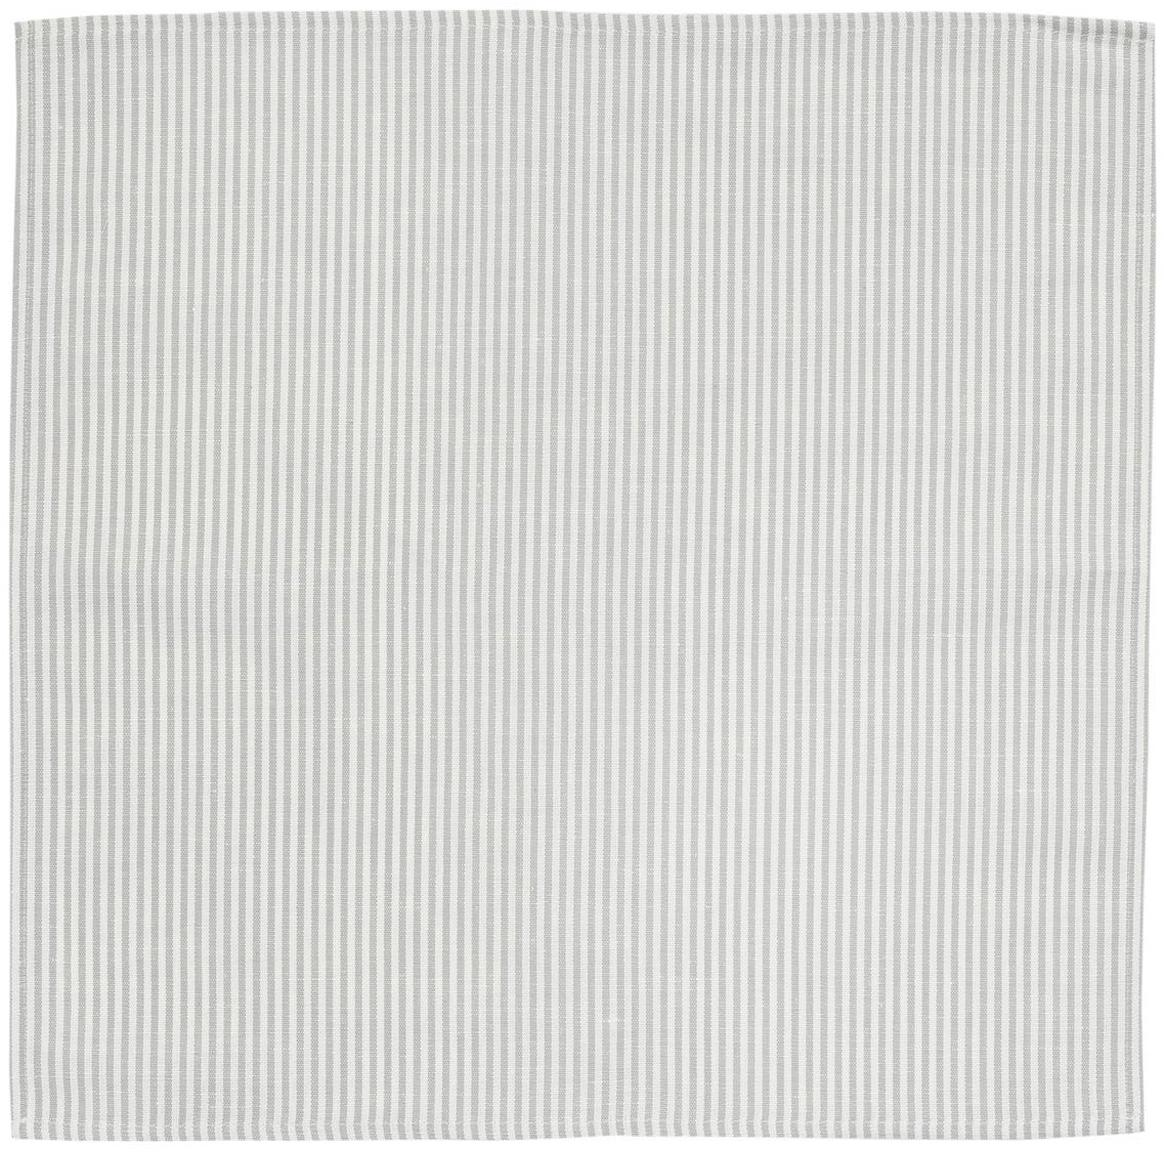 Stoff-Servietten Streifen aus Halbleinen, 6 Stück, Weiß, Grau, 45 x 45 cm